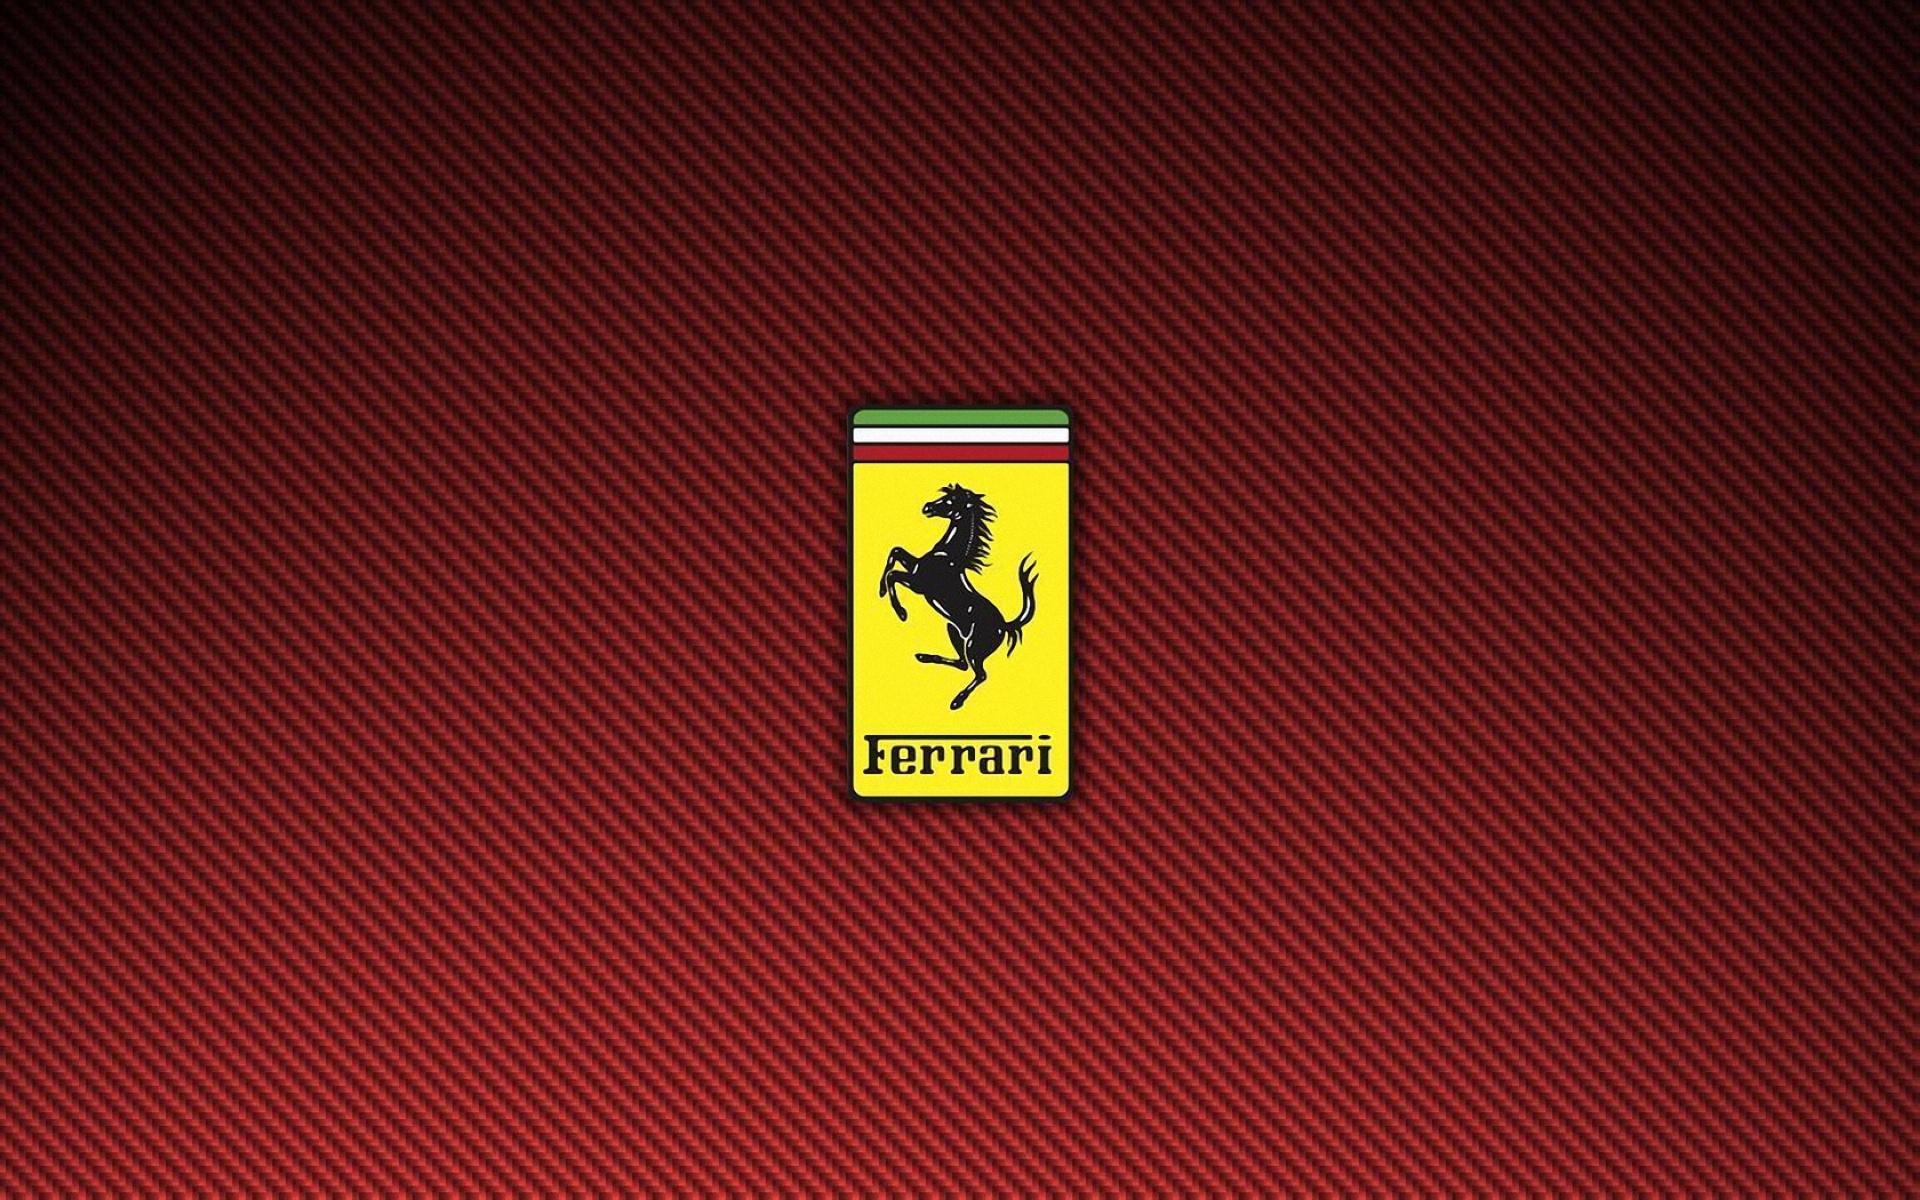 ferrari logo wallpaper hd - Ferrari Logo Wallpaper Hd 1080p